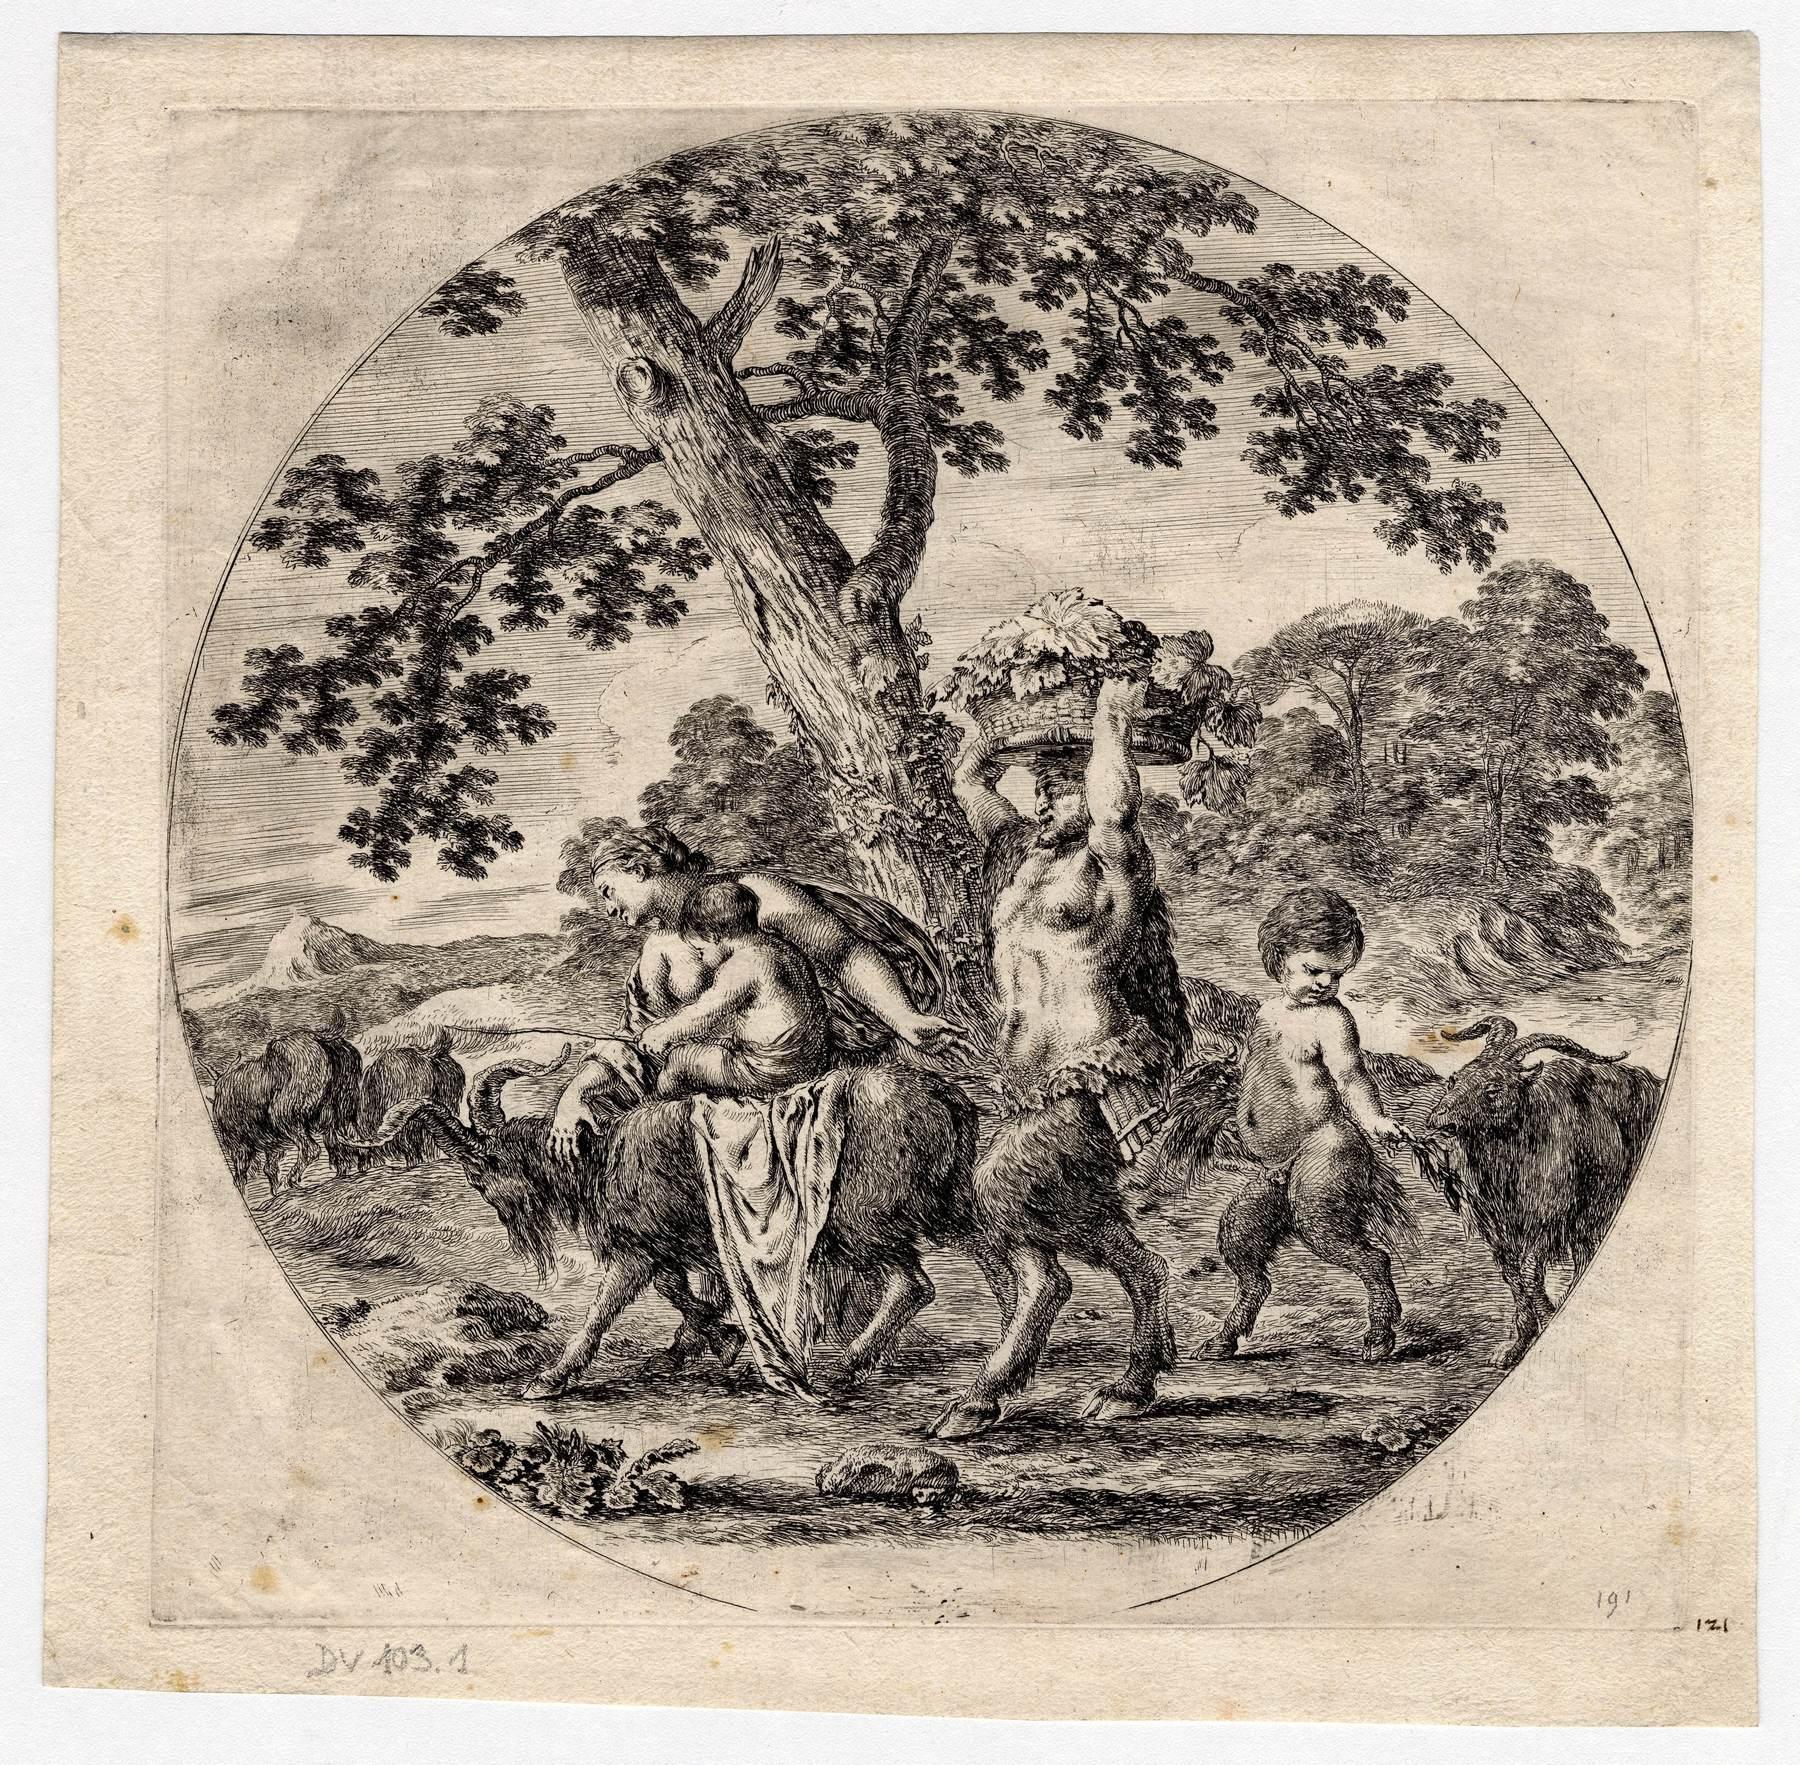 Contenu du La famille du satyre en marche, premier état avant la lettre